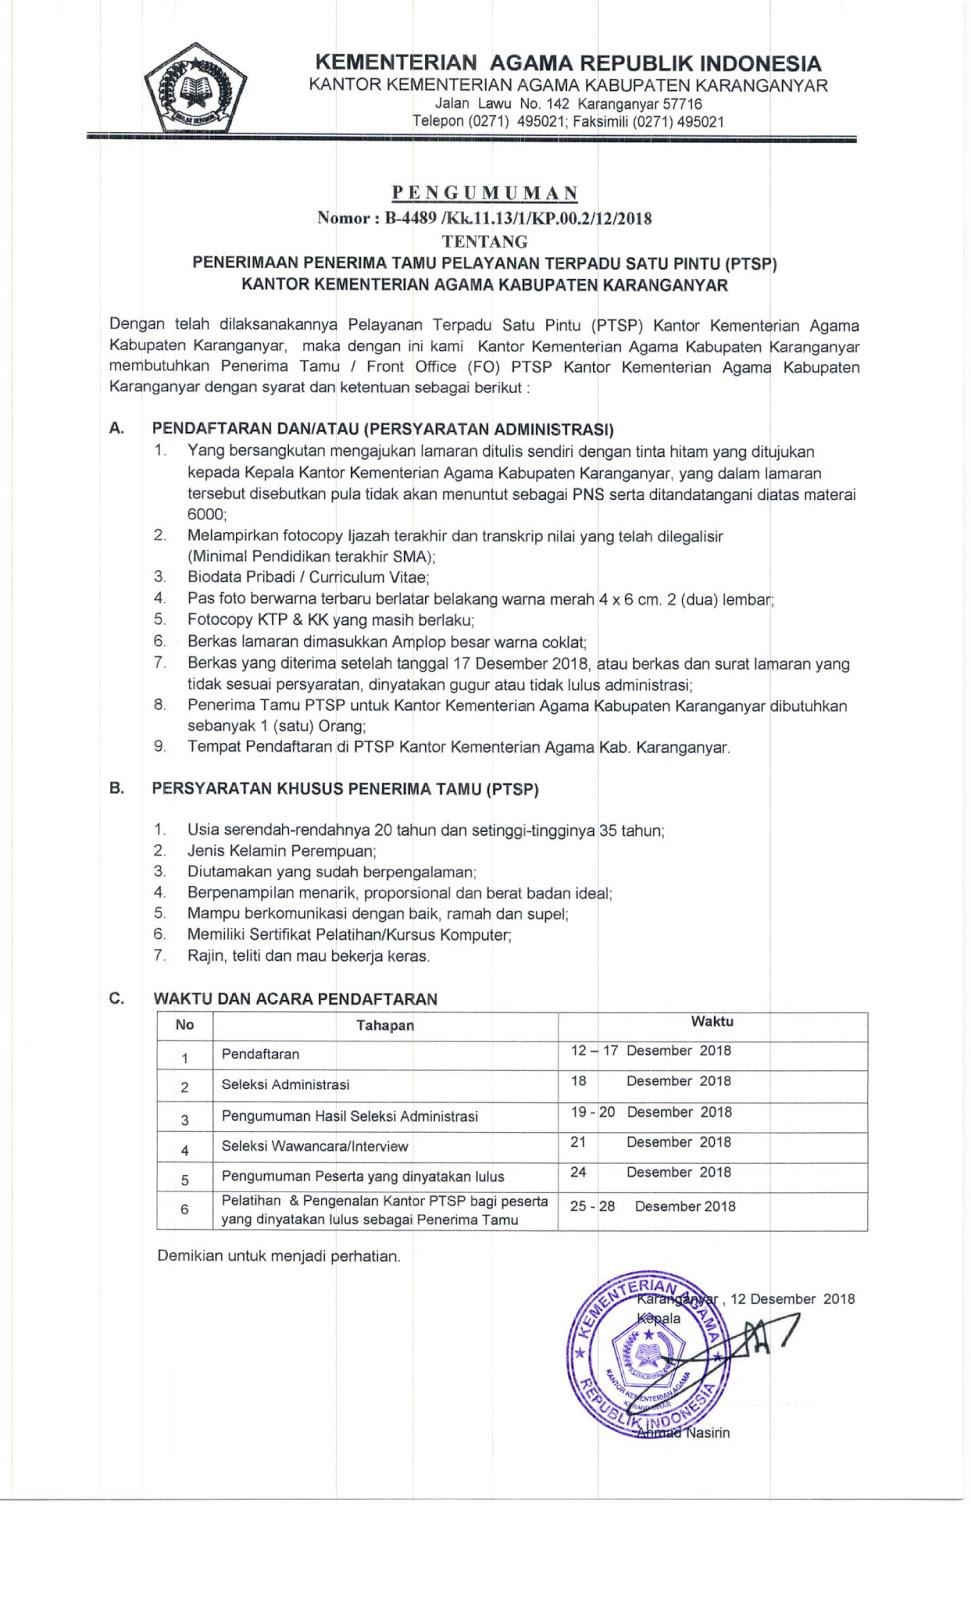 Rekrutmen Front Office Kantor Kementerian Agama Kabupaten Karanganyar